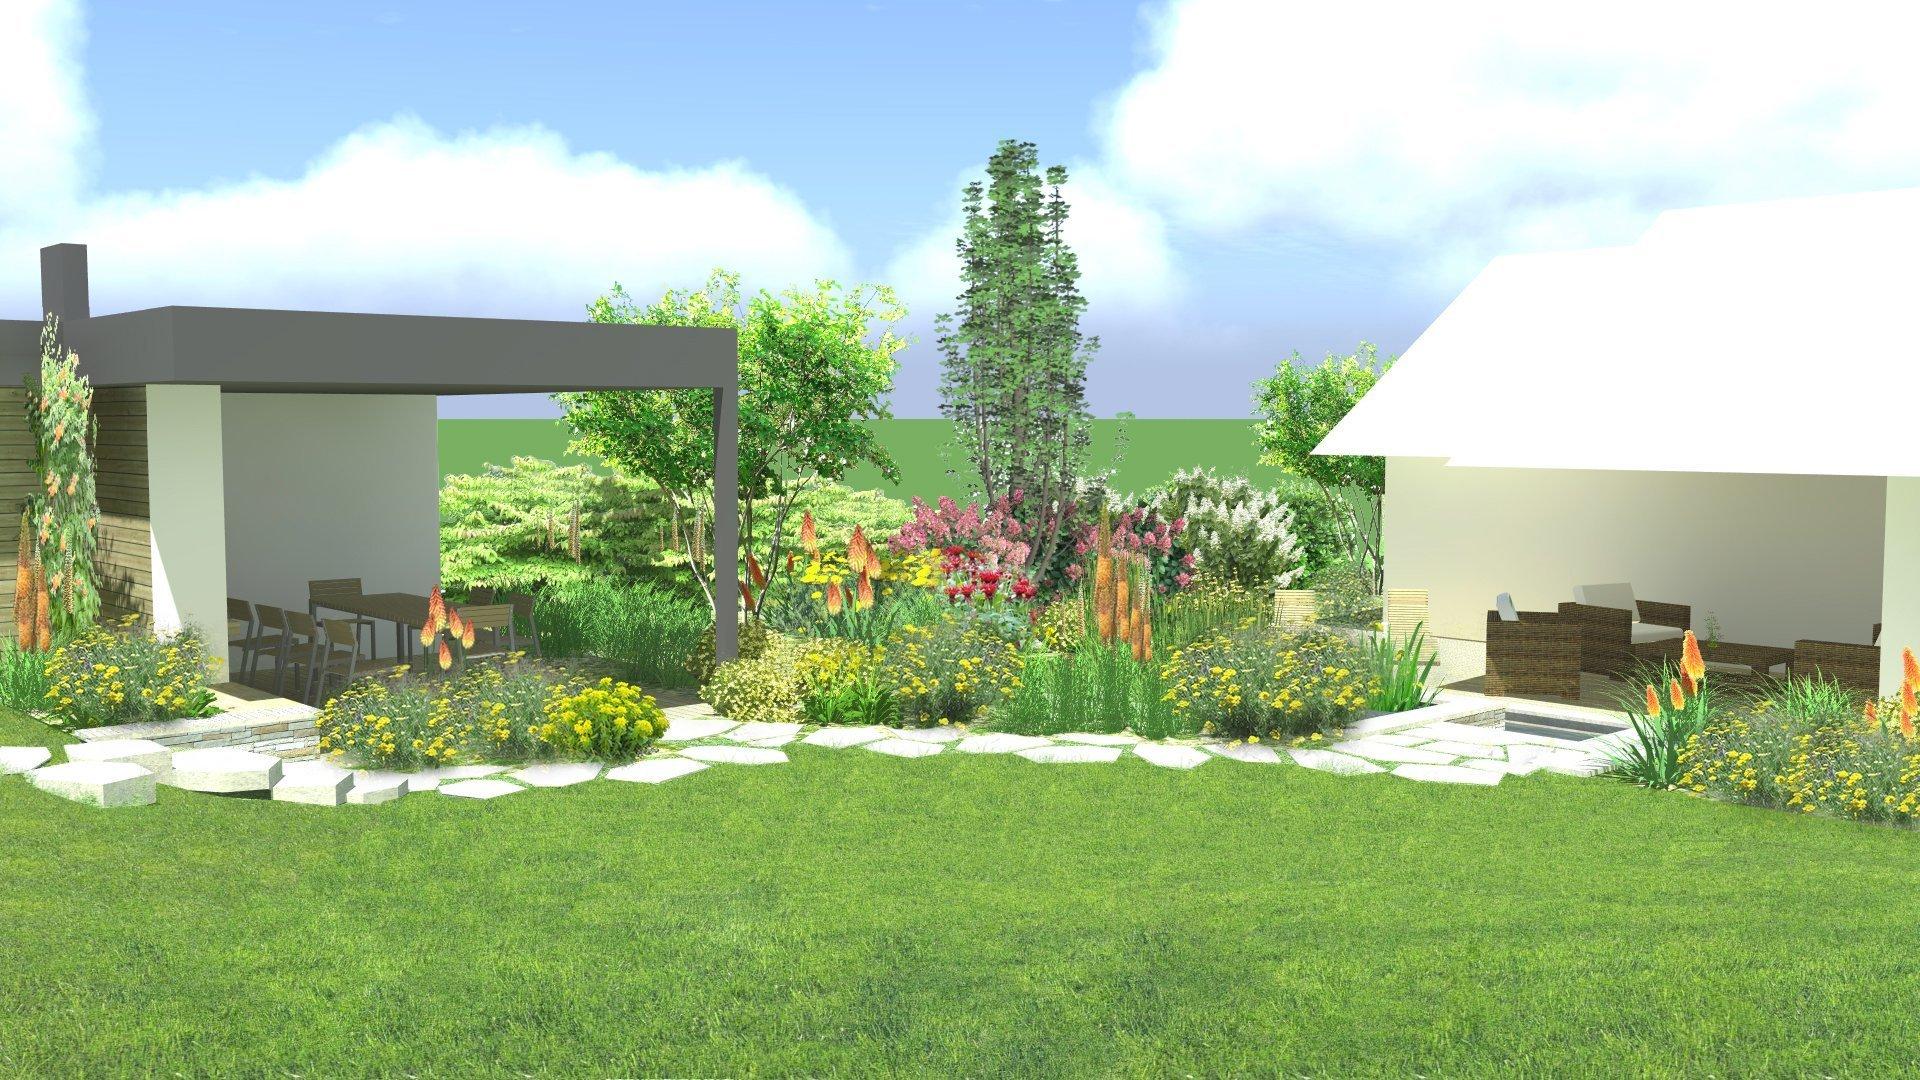 zpětný pohled ze zahrady k pergole a domu